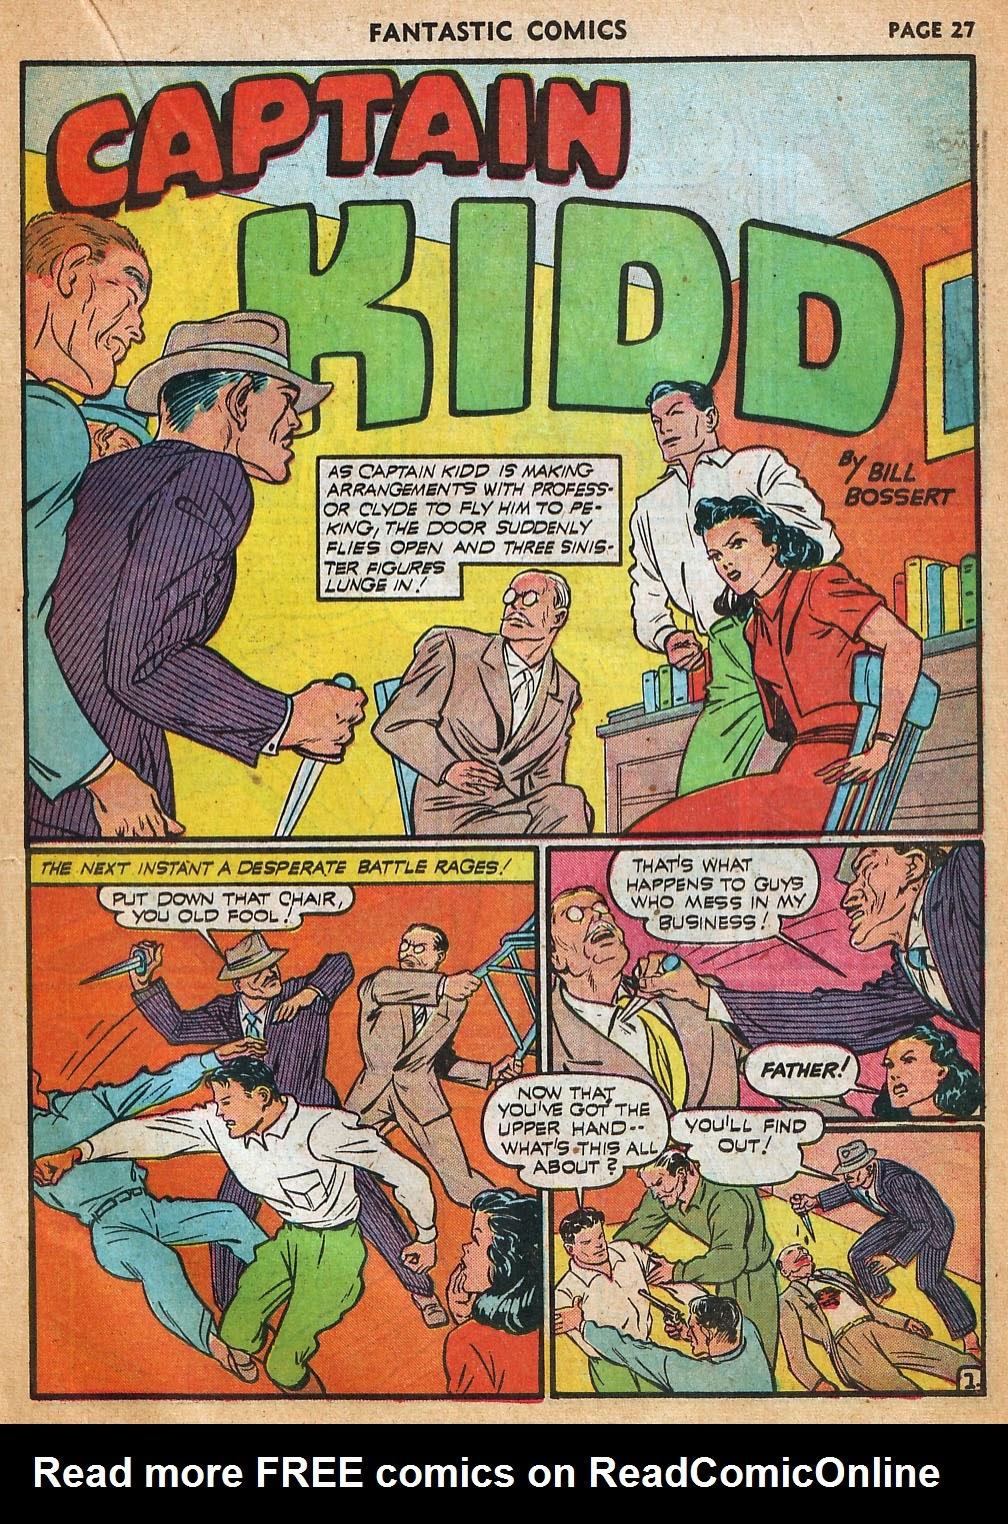 Read online Fantastic Comics comic -  Issue #22 - 29